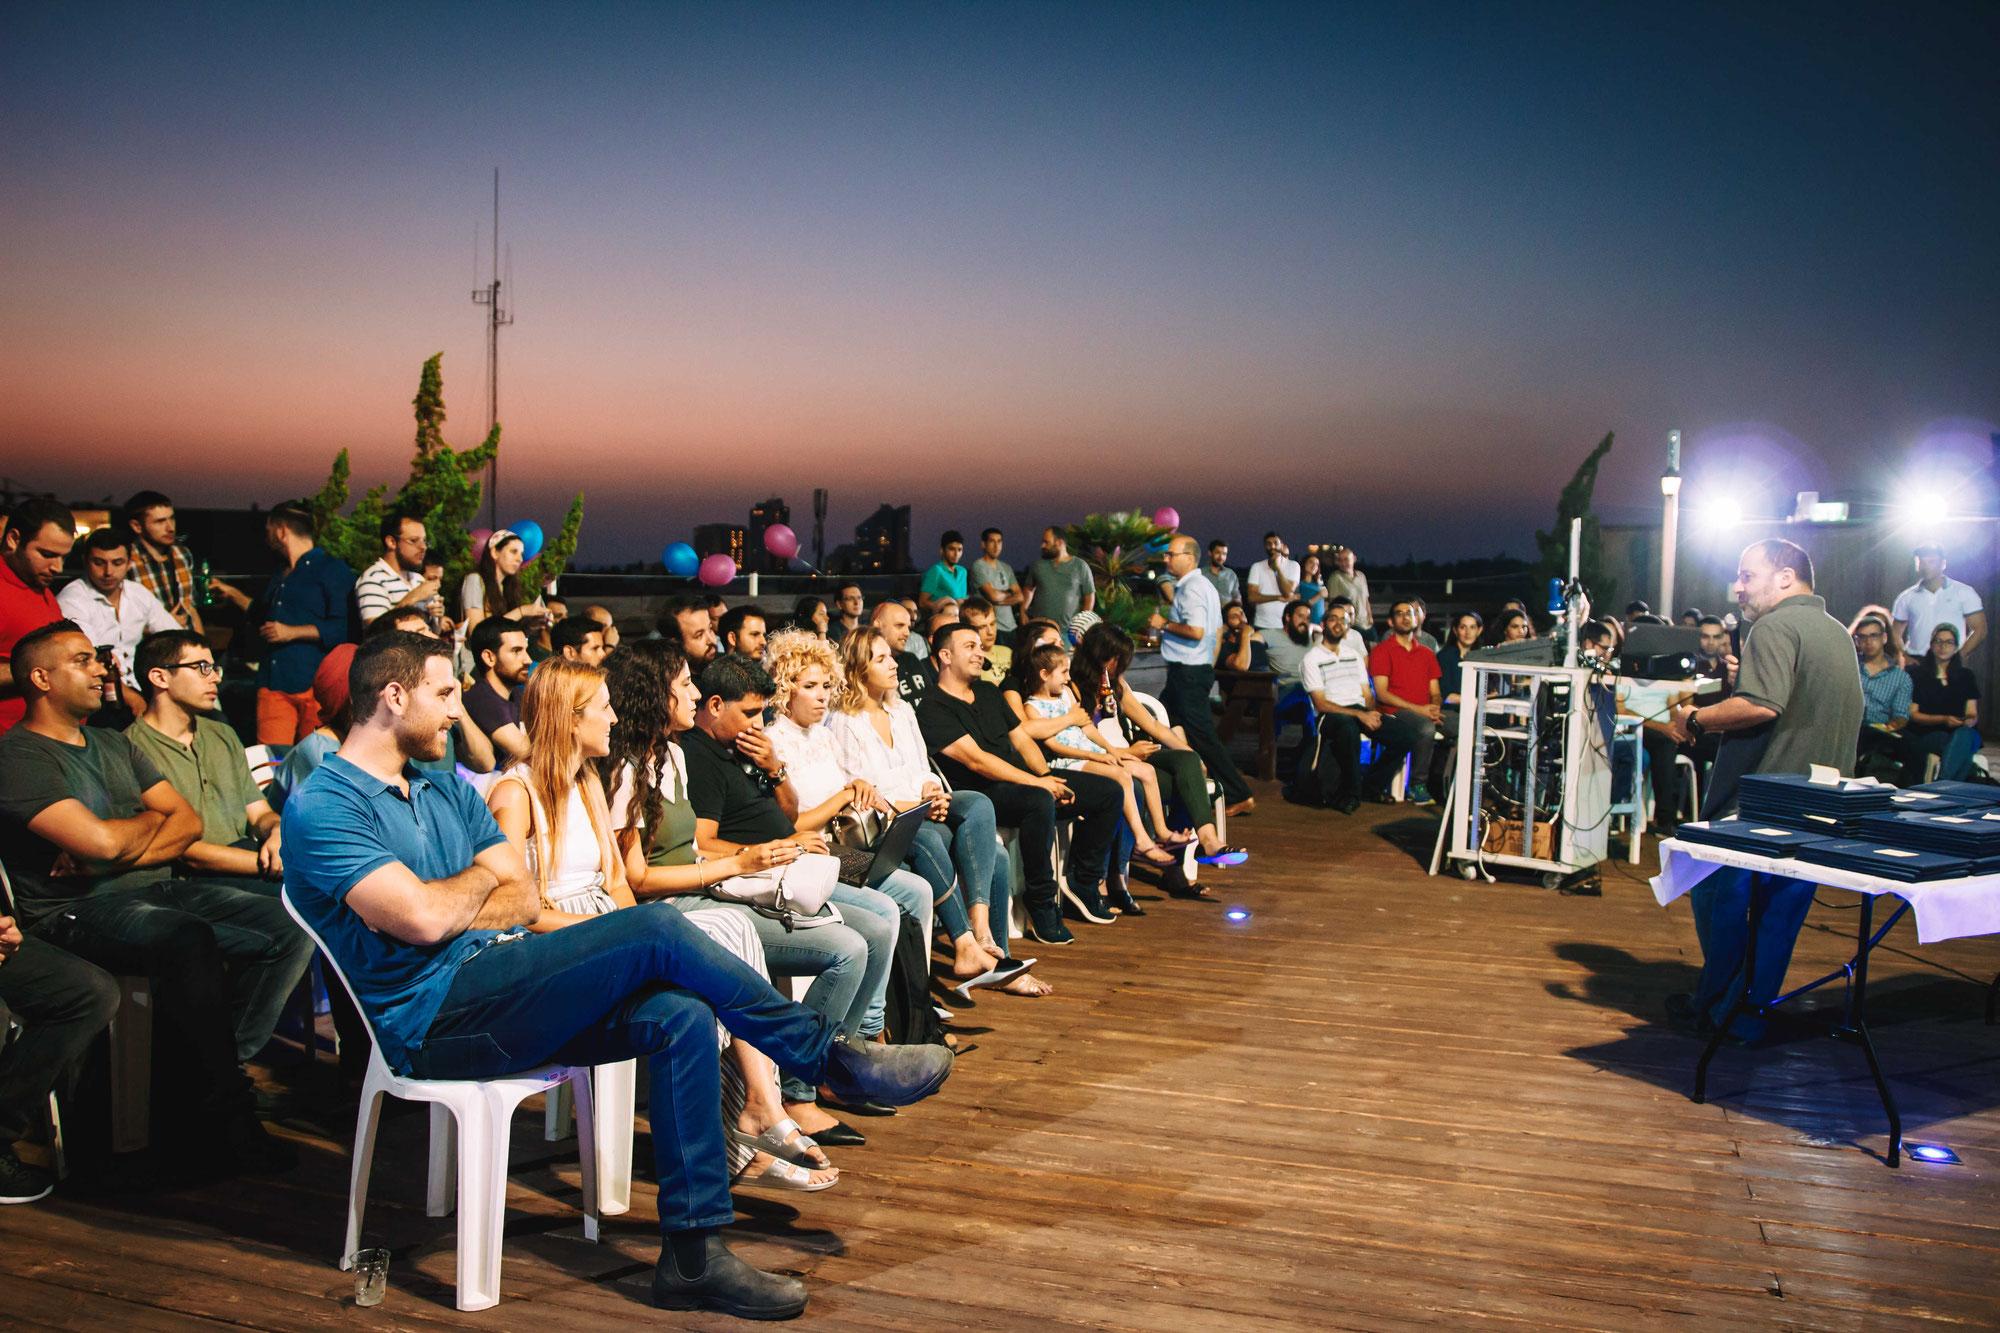 צילום אירוע חברת מטריקס - הענקת תעודות על גג הבניין בהרצליה